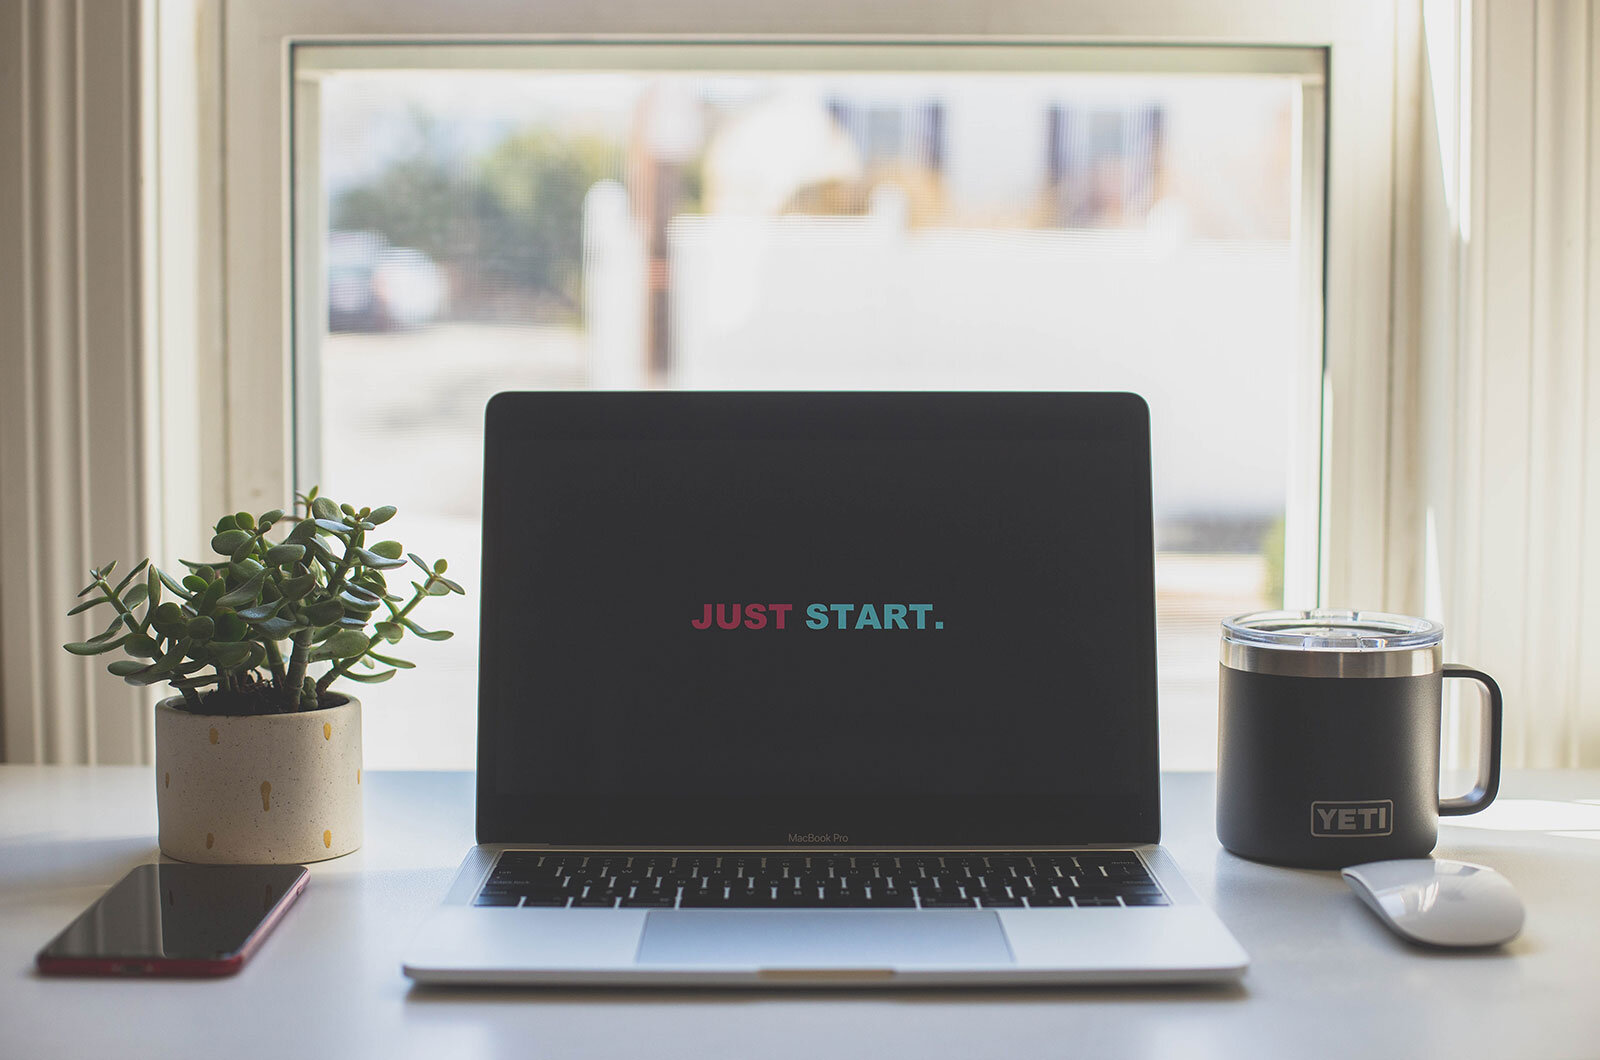 Hoe lanceer ik snel een webshop?